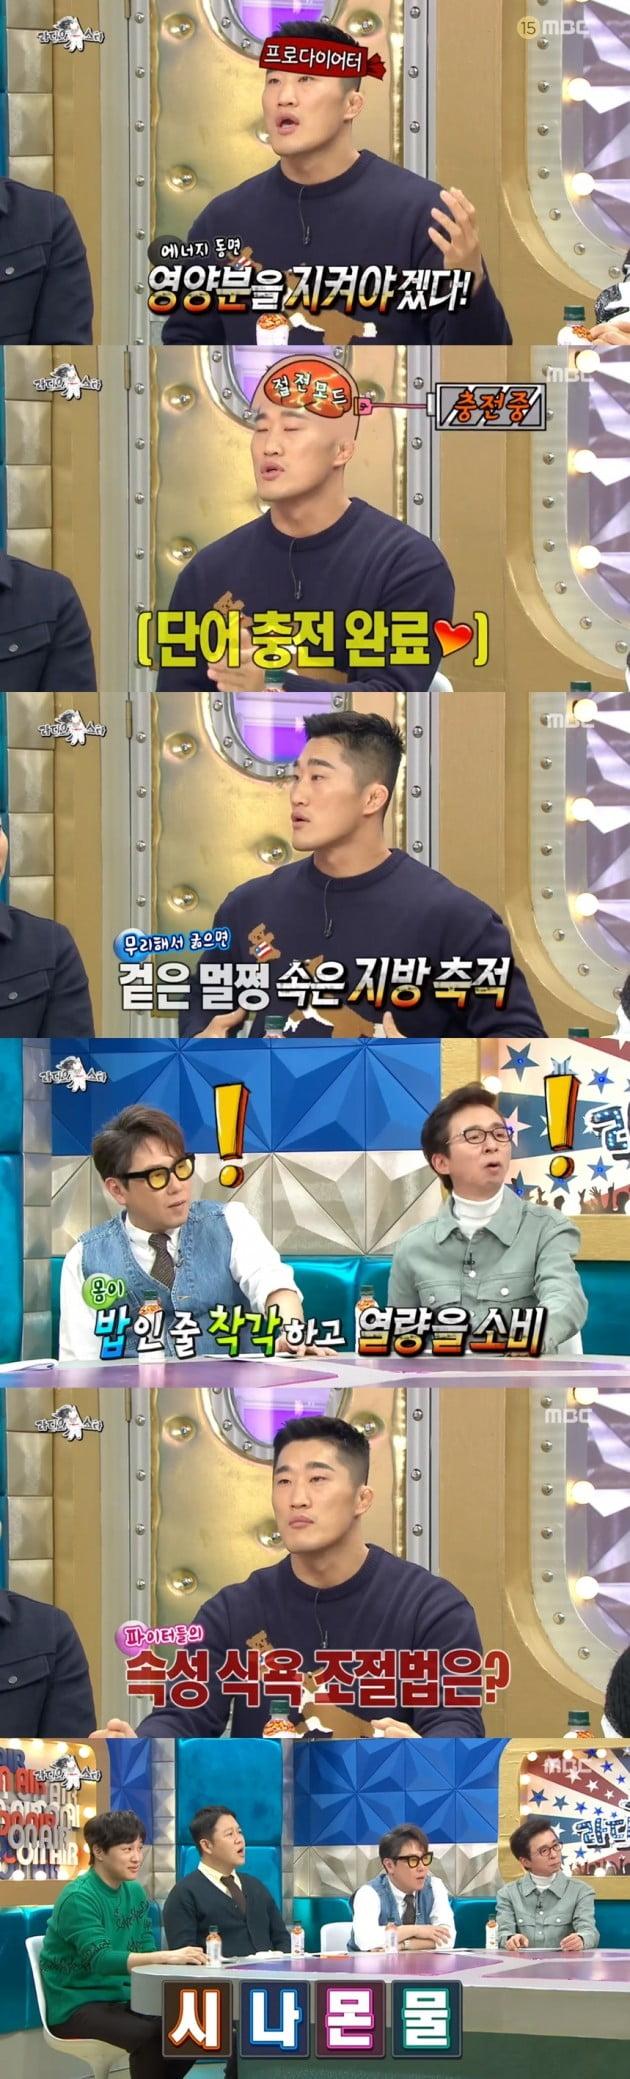 김동현 '시나몬물' 다이어트 꿀팁 /사진=MBC '라디오스타'